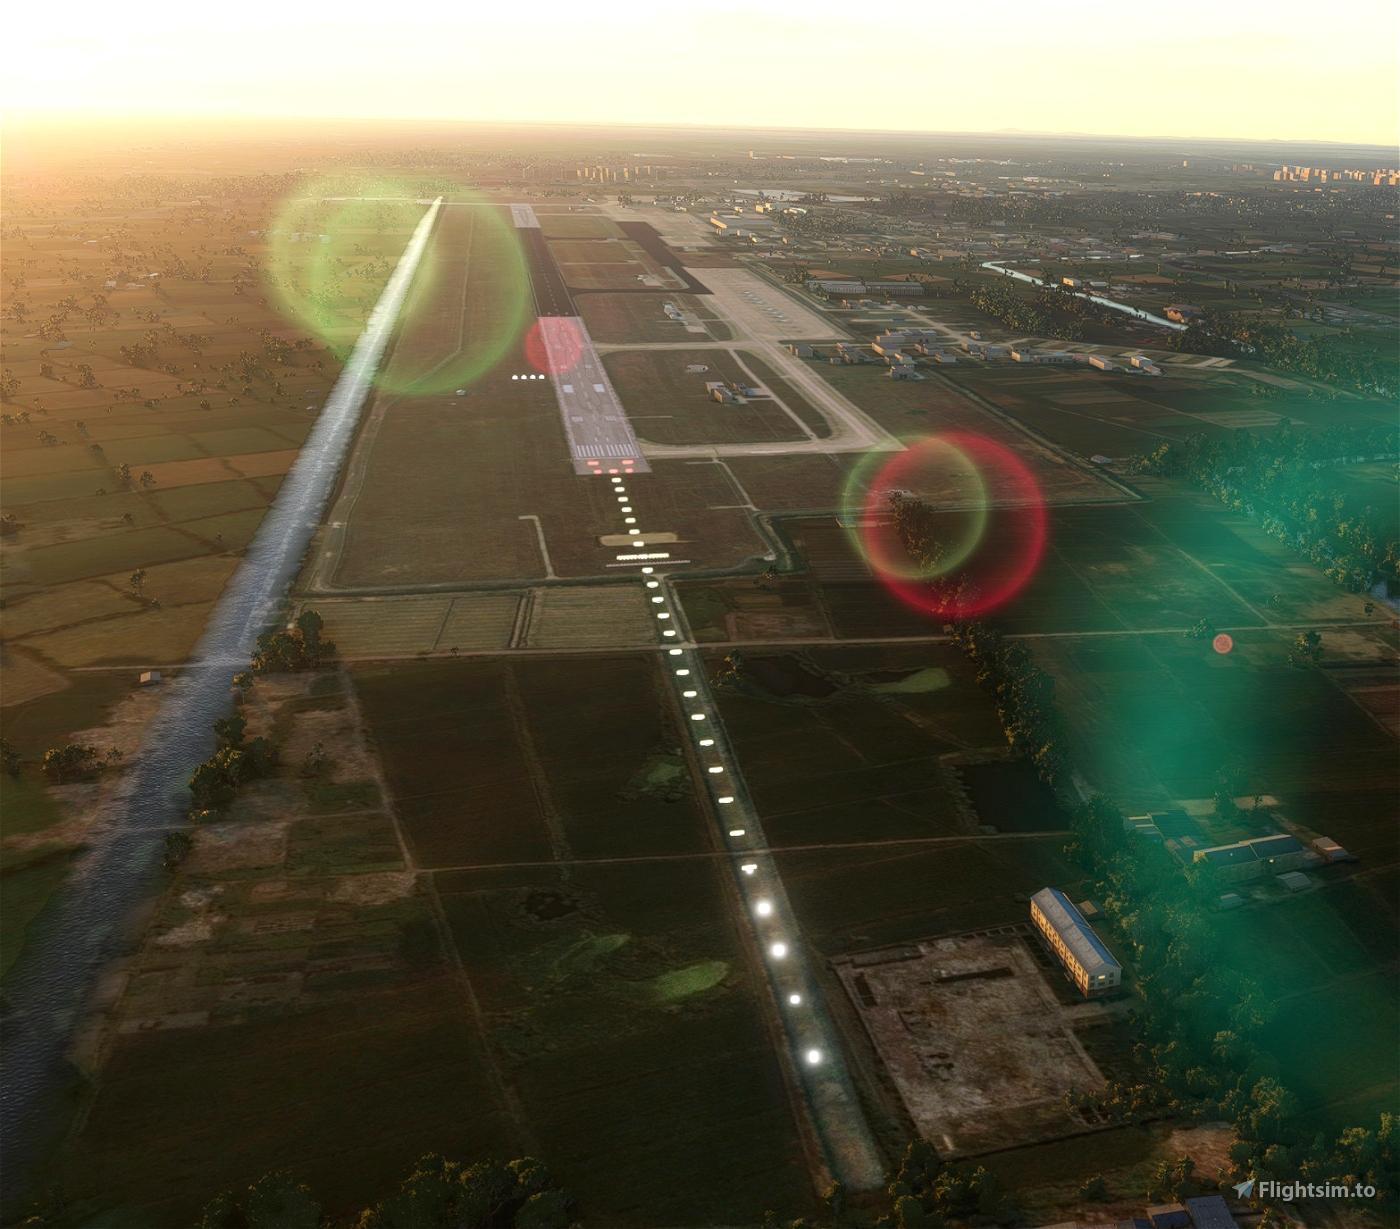 ZSCG - Changzhou Benniu International Airport